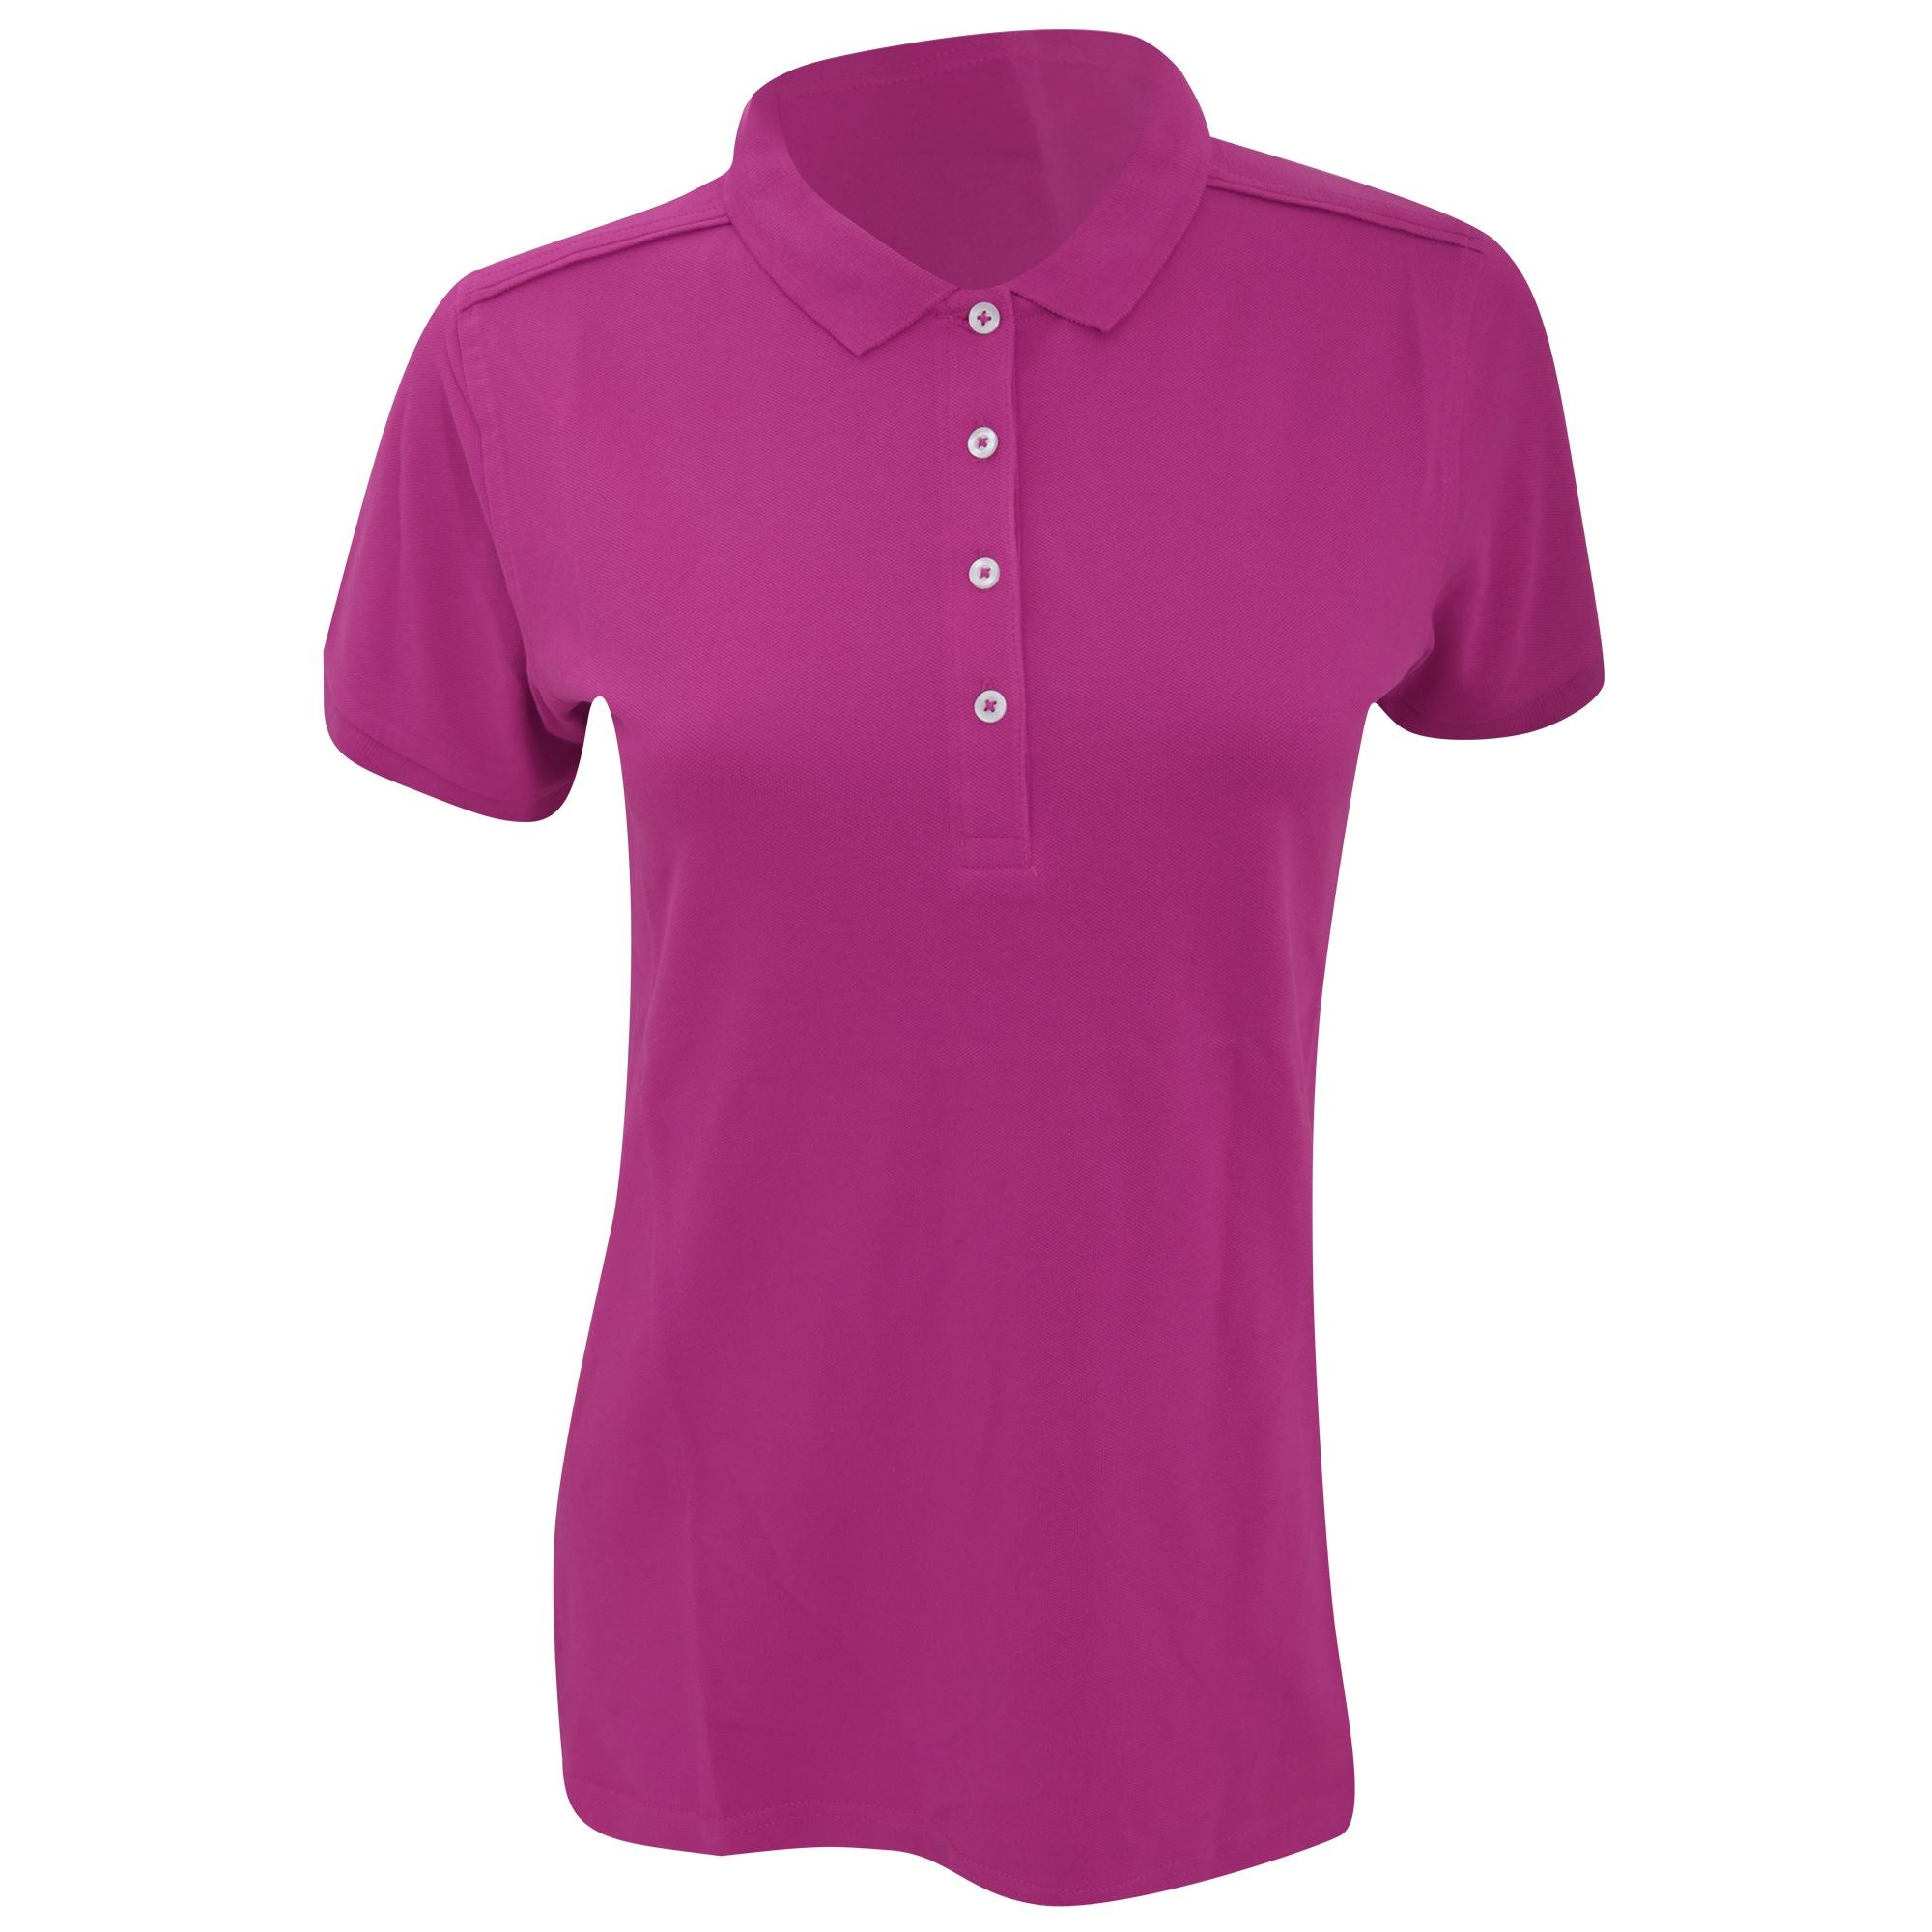 russell -  Poloshirt Damen Stretch Polo-Shirt Kurzarm